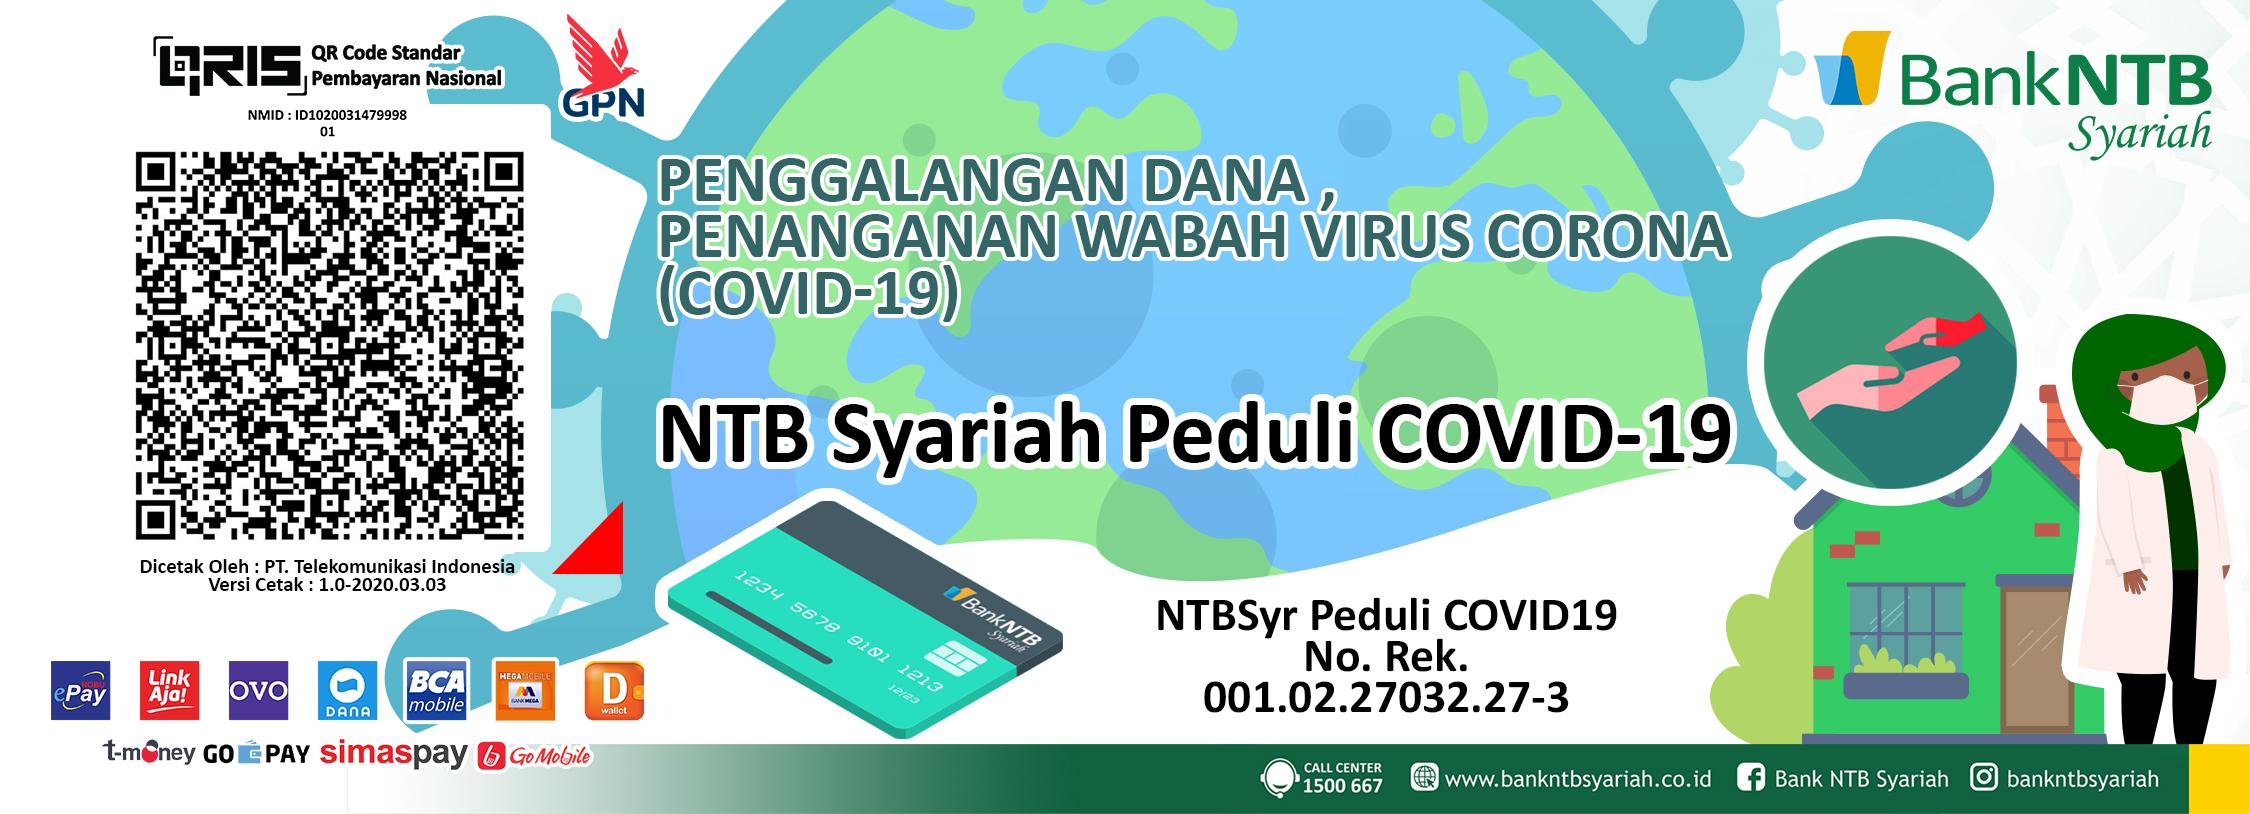 Penggalangan Dana, Penanganan Wabah Virus Corona (Covid-19)